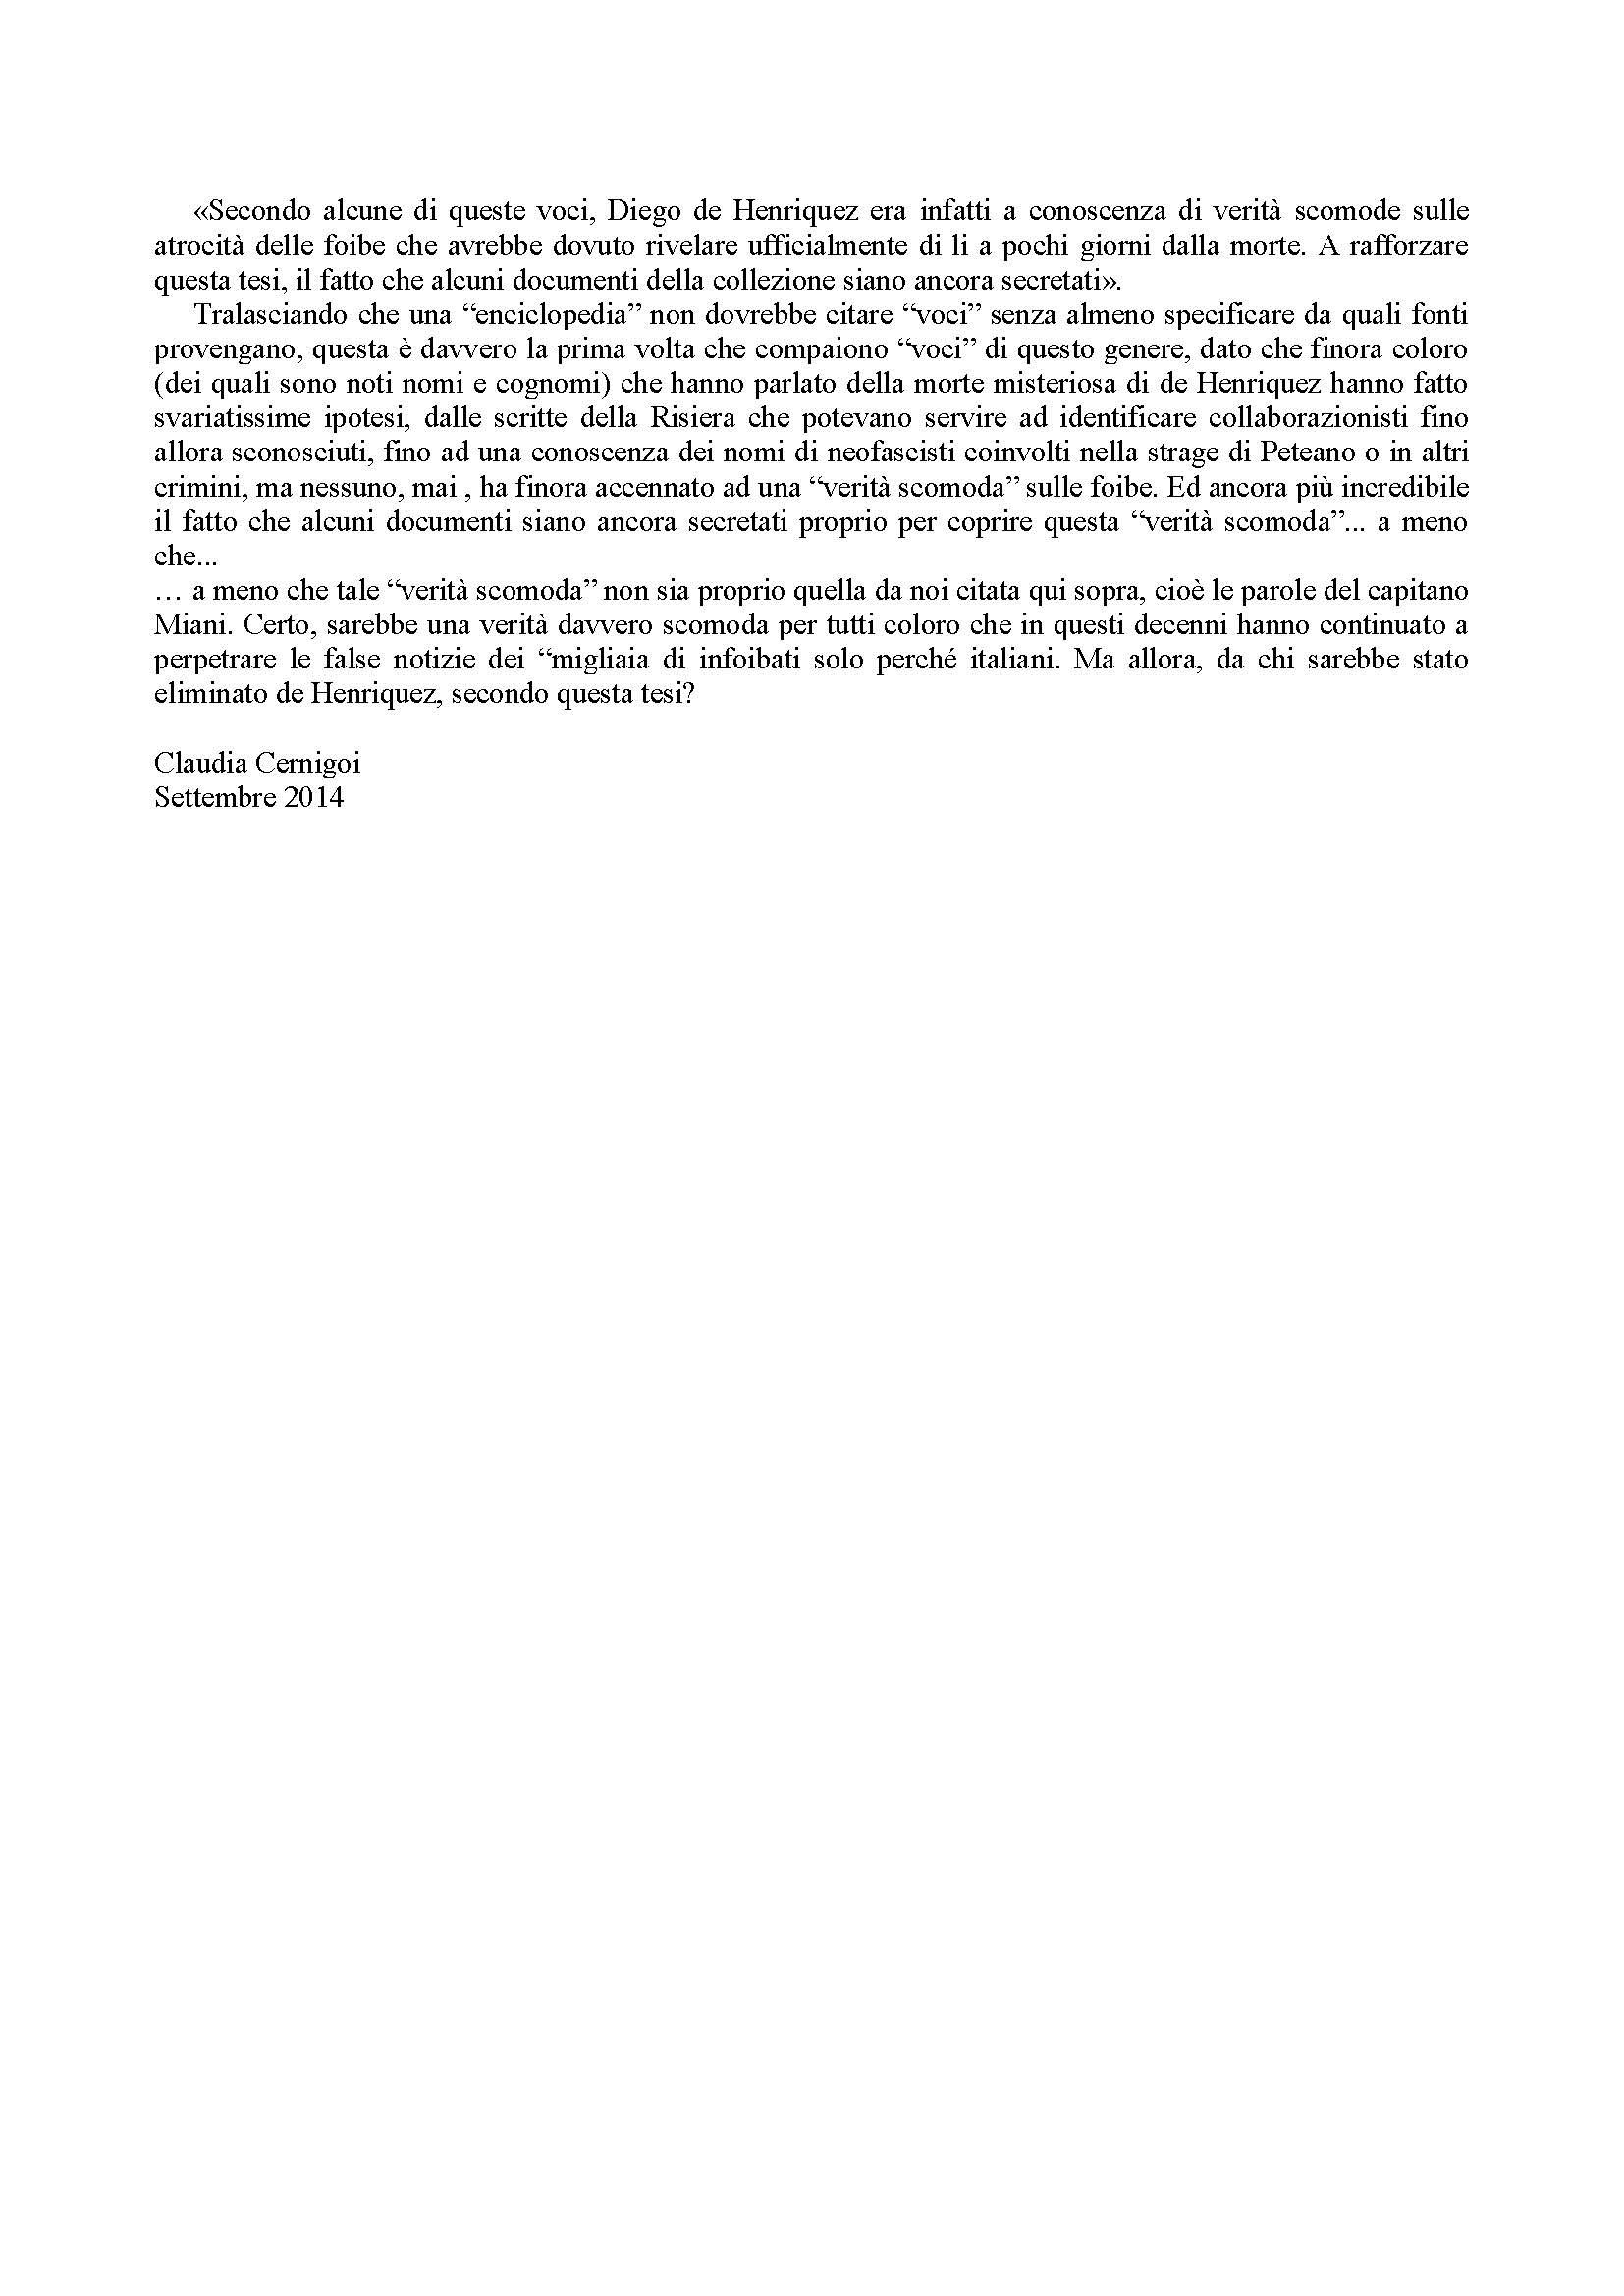 IL-MUSEO-DI-GUERRA-PER-LA-PACE-CON-IL-MATERIALE-DI-DIEGO-DE-HENRIQUEZ1_Page_4